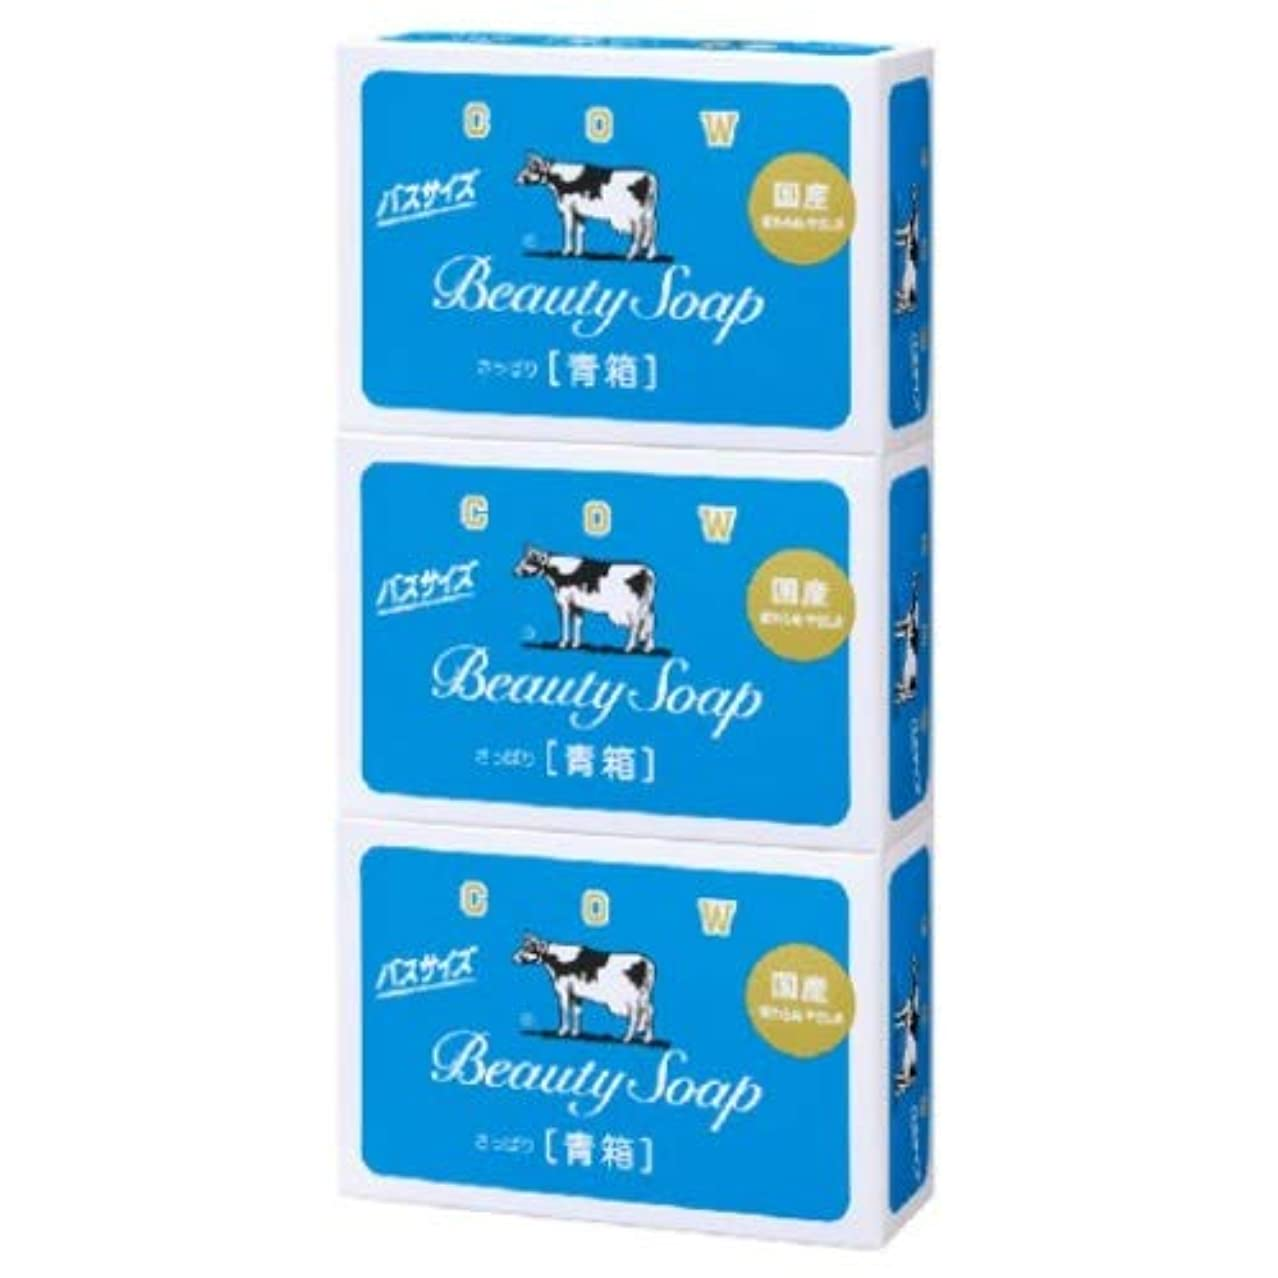 邪魔するアサー極めて重要な牛乳石鹸 カウブランド 青箱 バスサイズ 3コパック